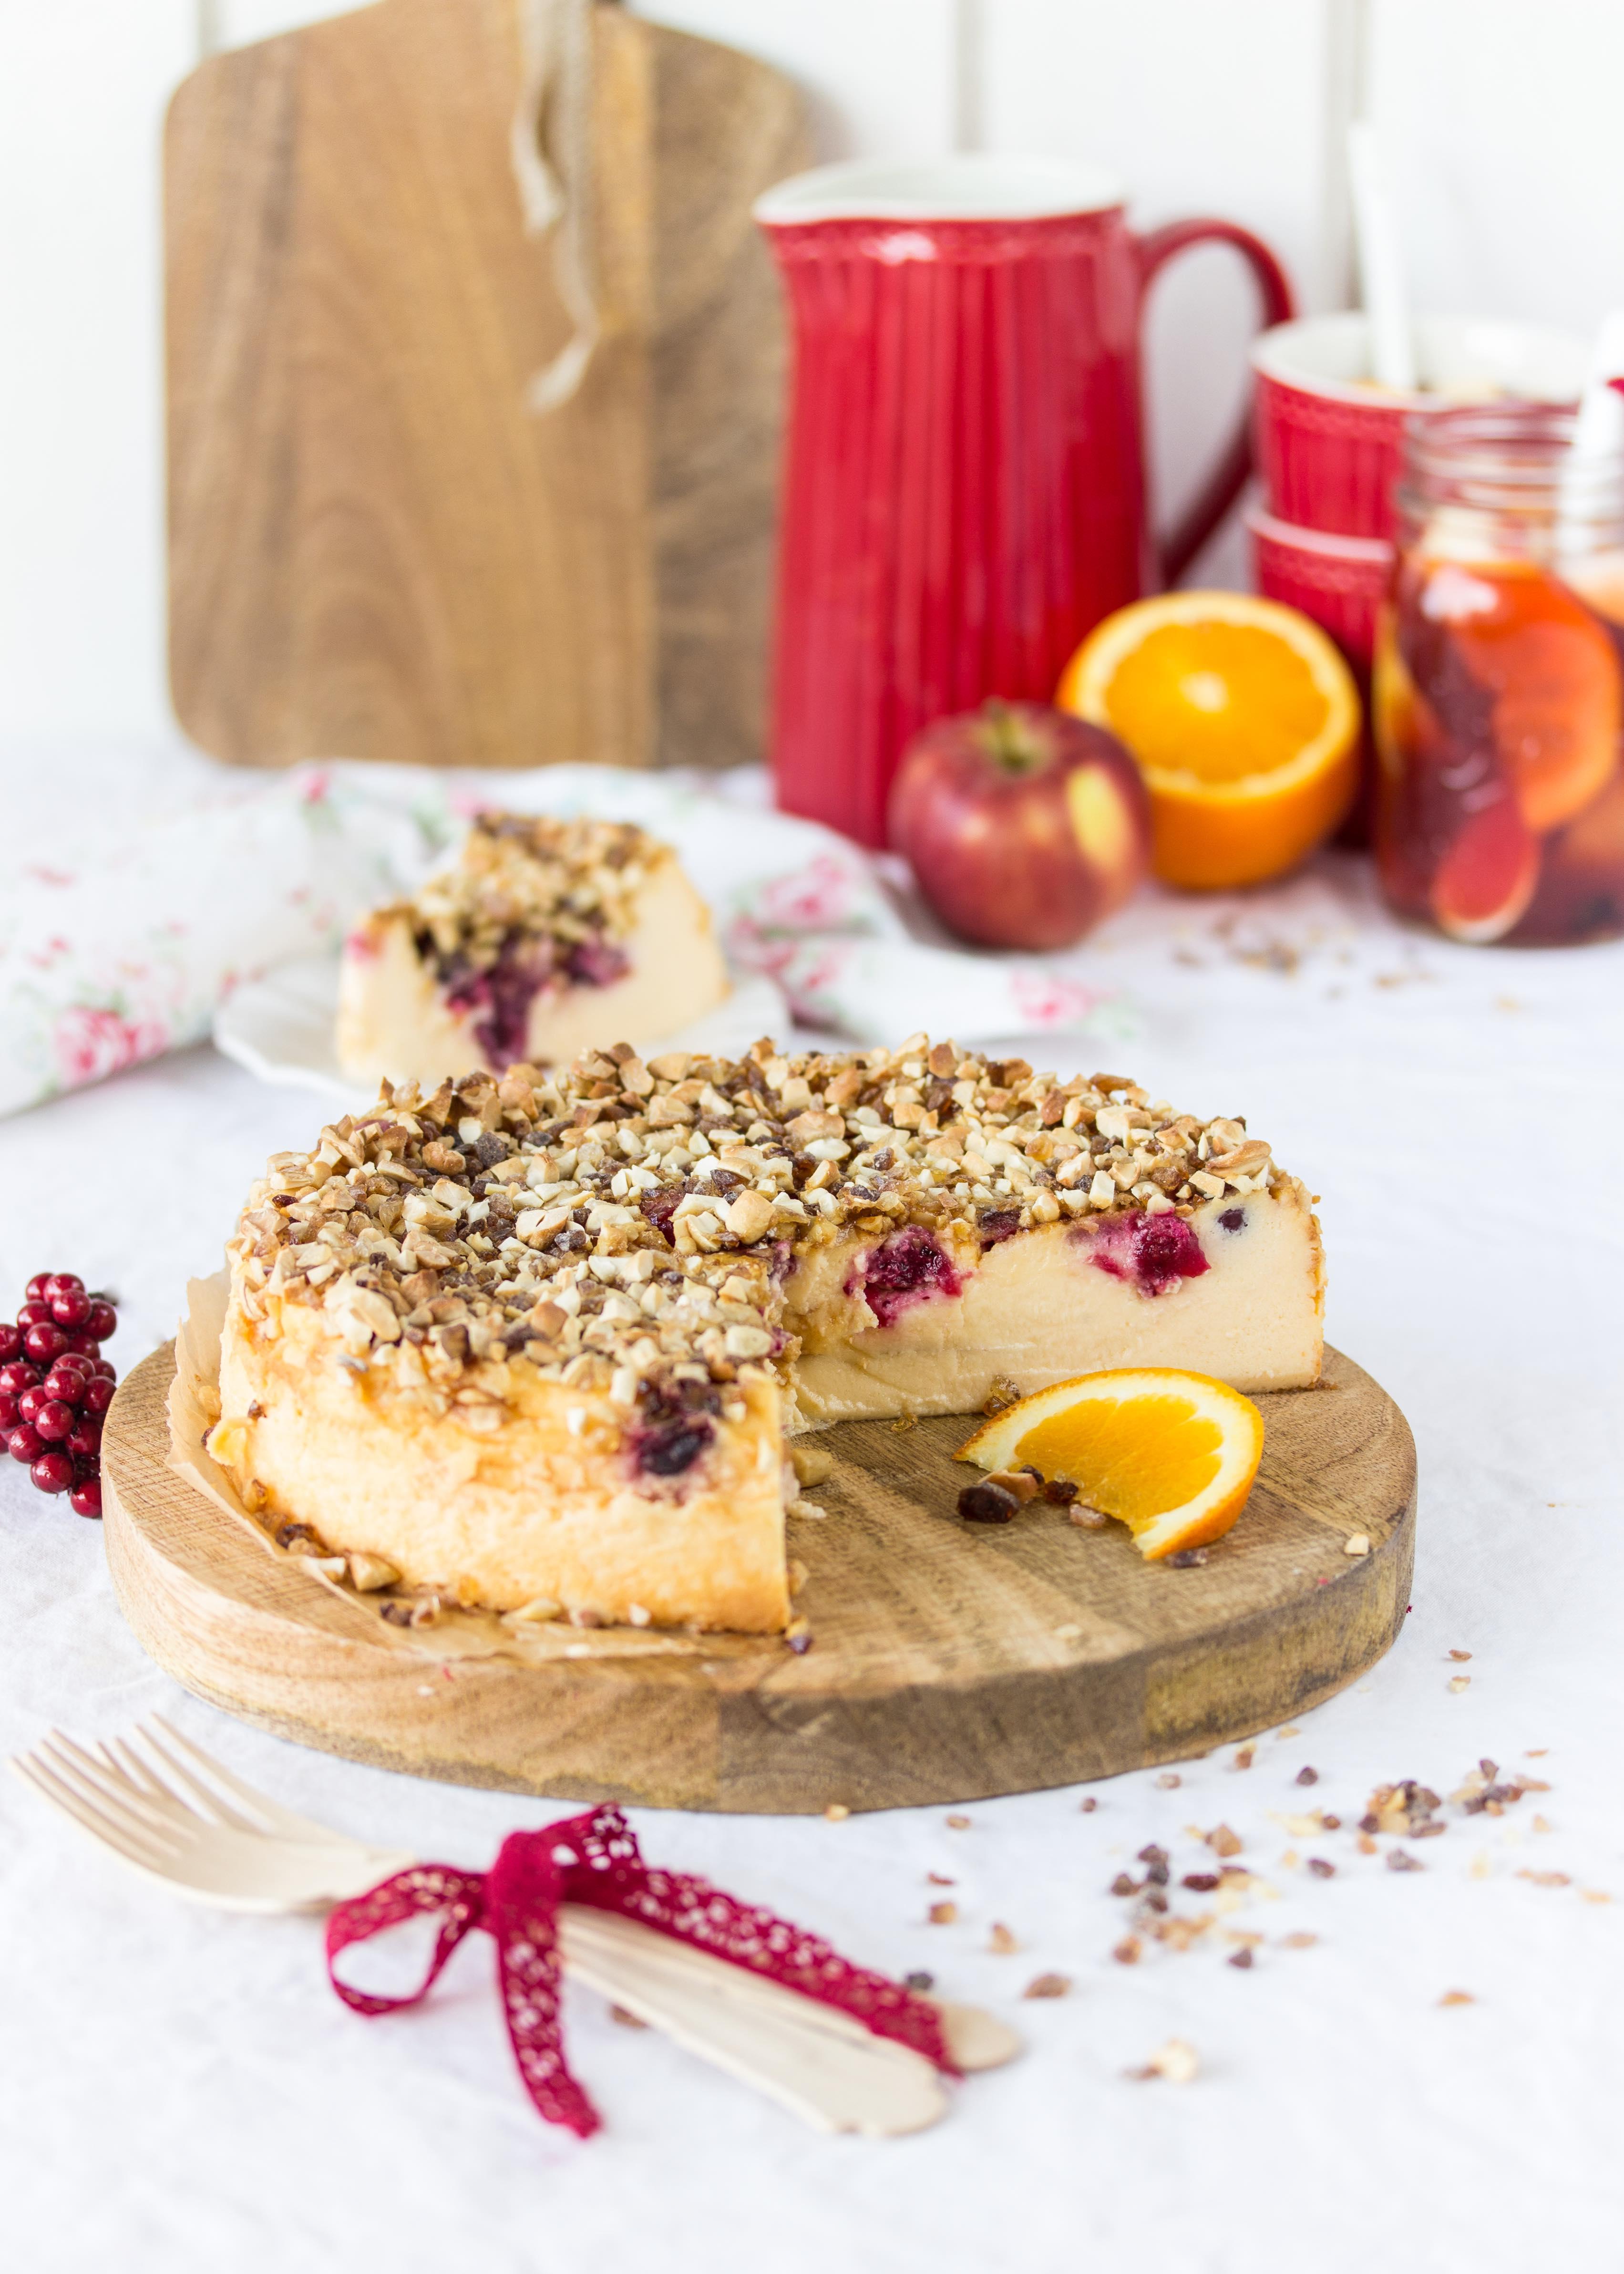 cranberry k sekuchen mit kandis crunch apfel orangen cranberrypunsch emma 39 s lieblingsst cke. Black Bedroom Furniture Sets. Home Design Ideas